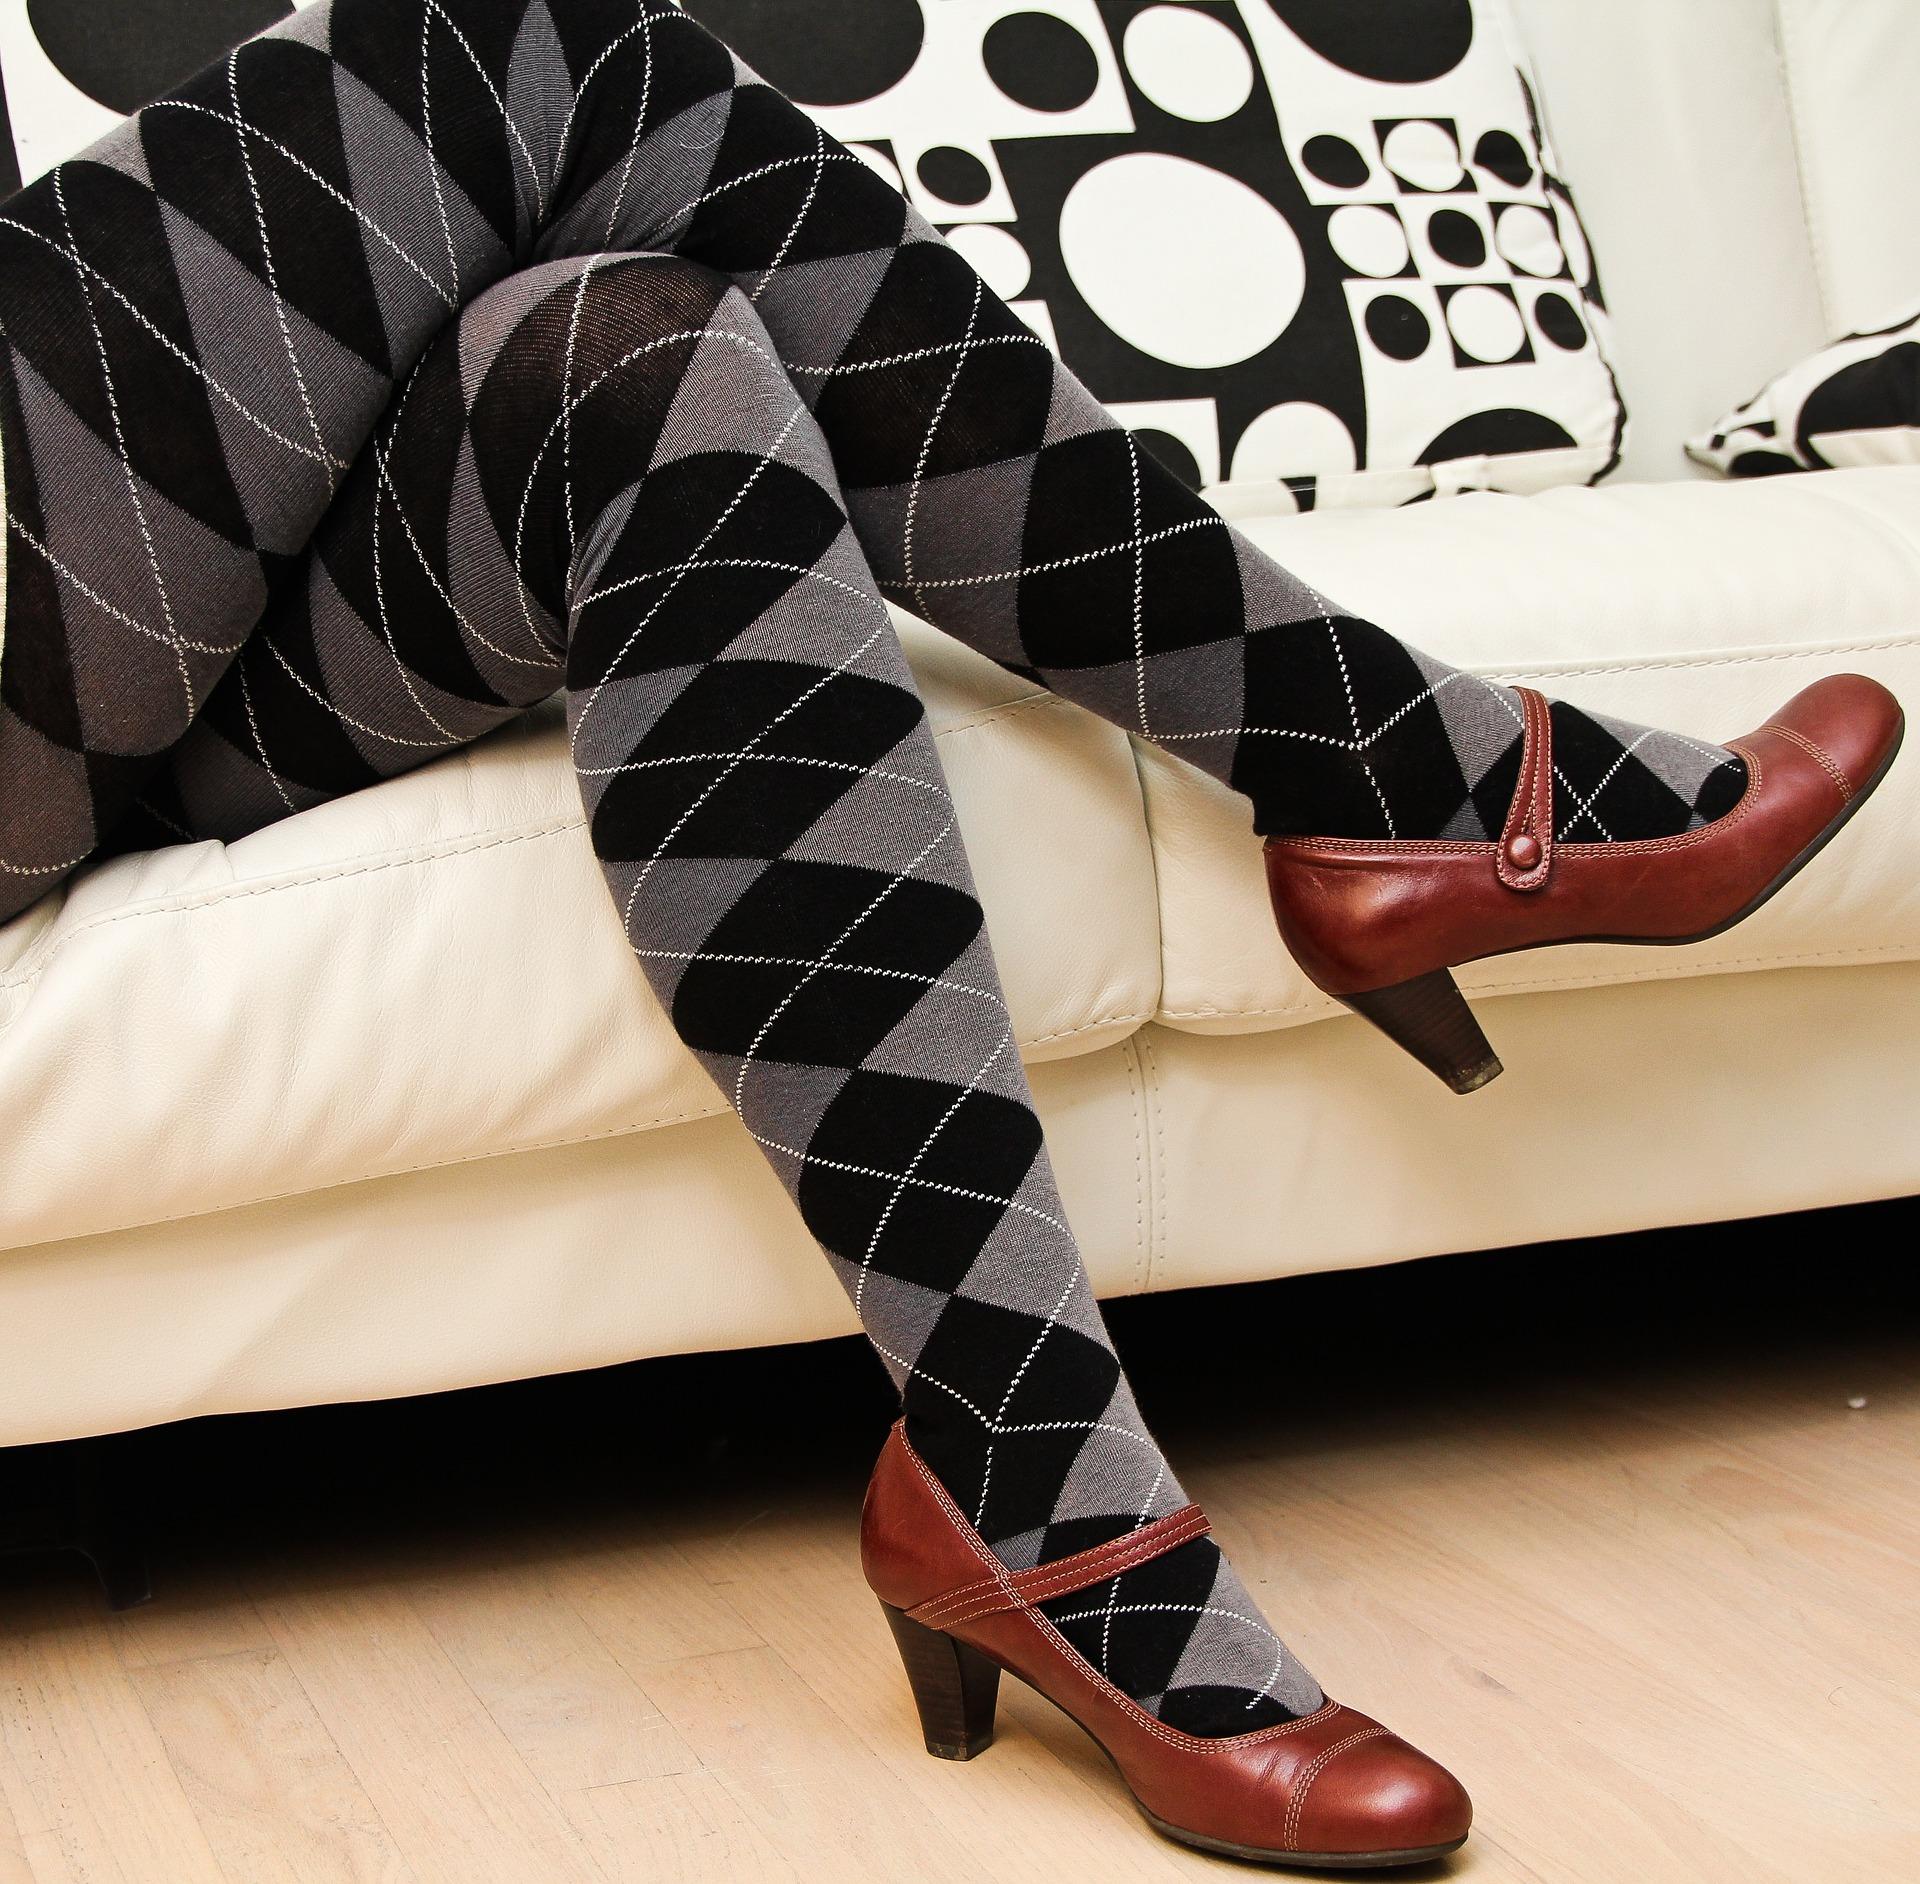 Argyle stockings and claret heeled mary jane shoes